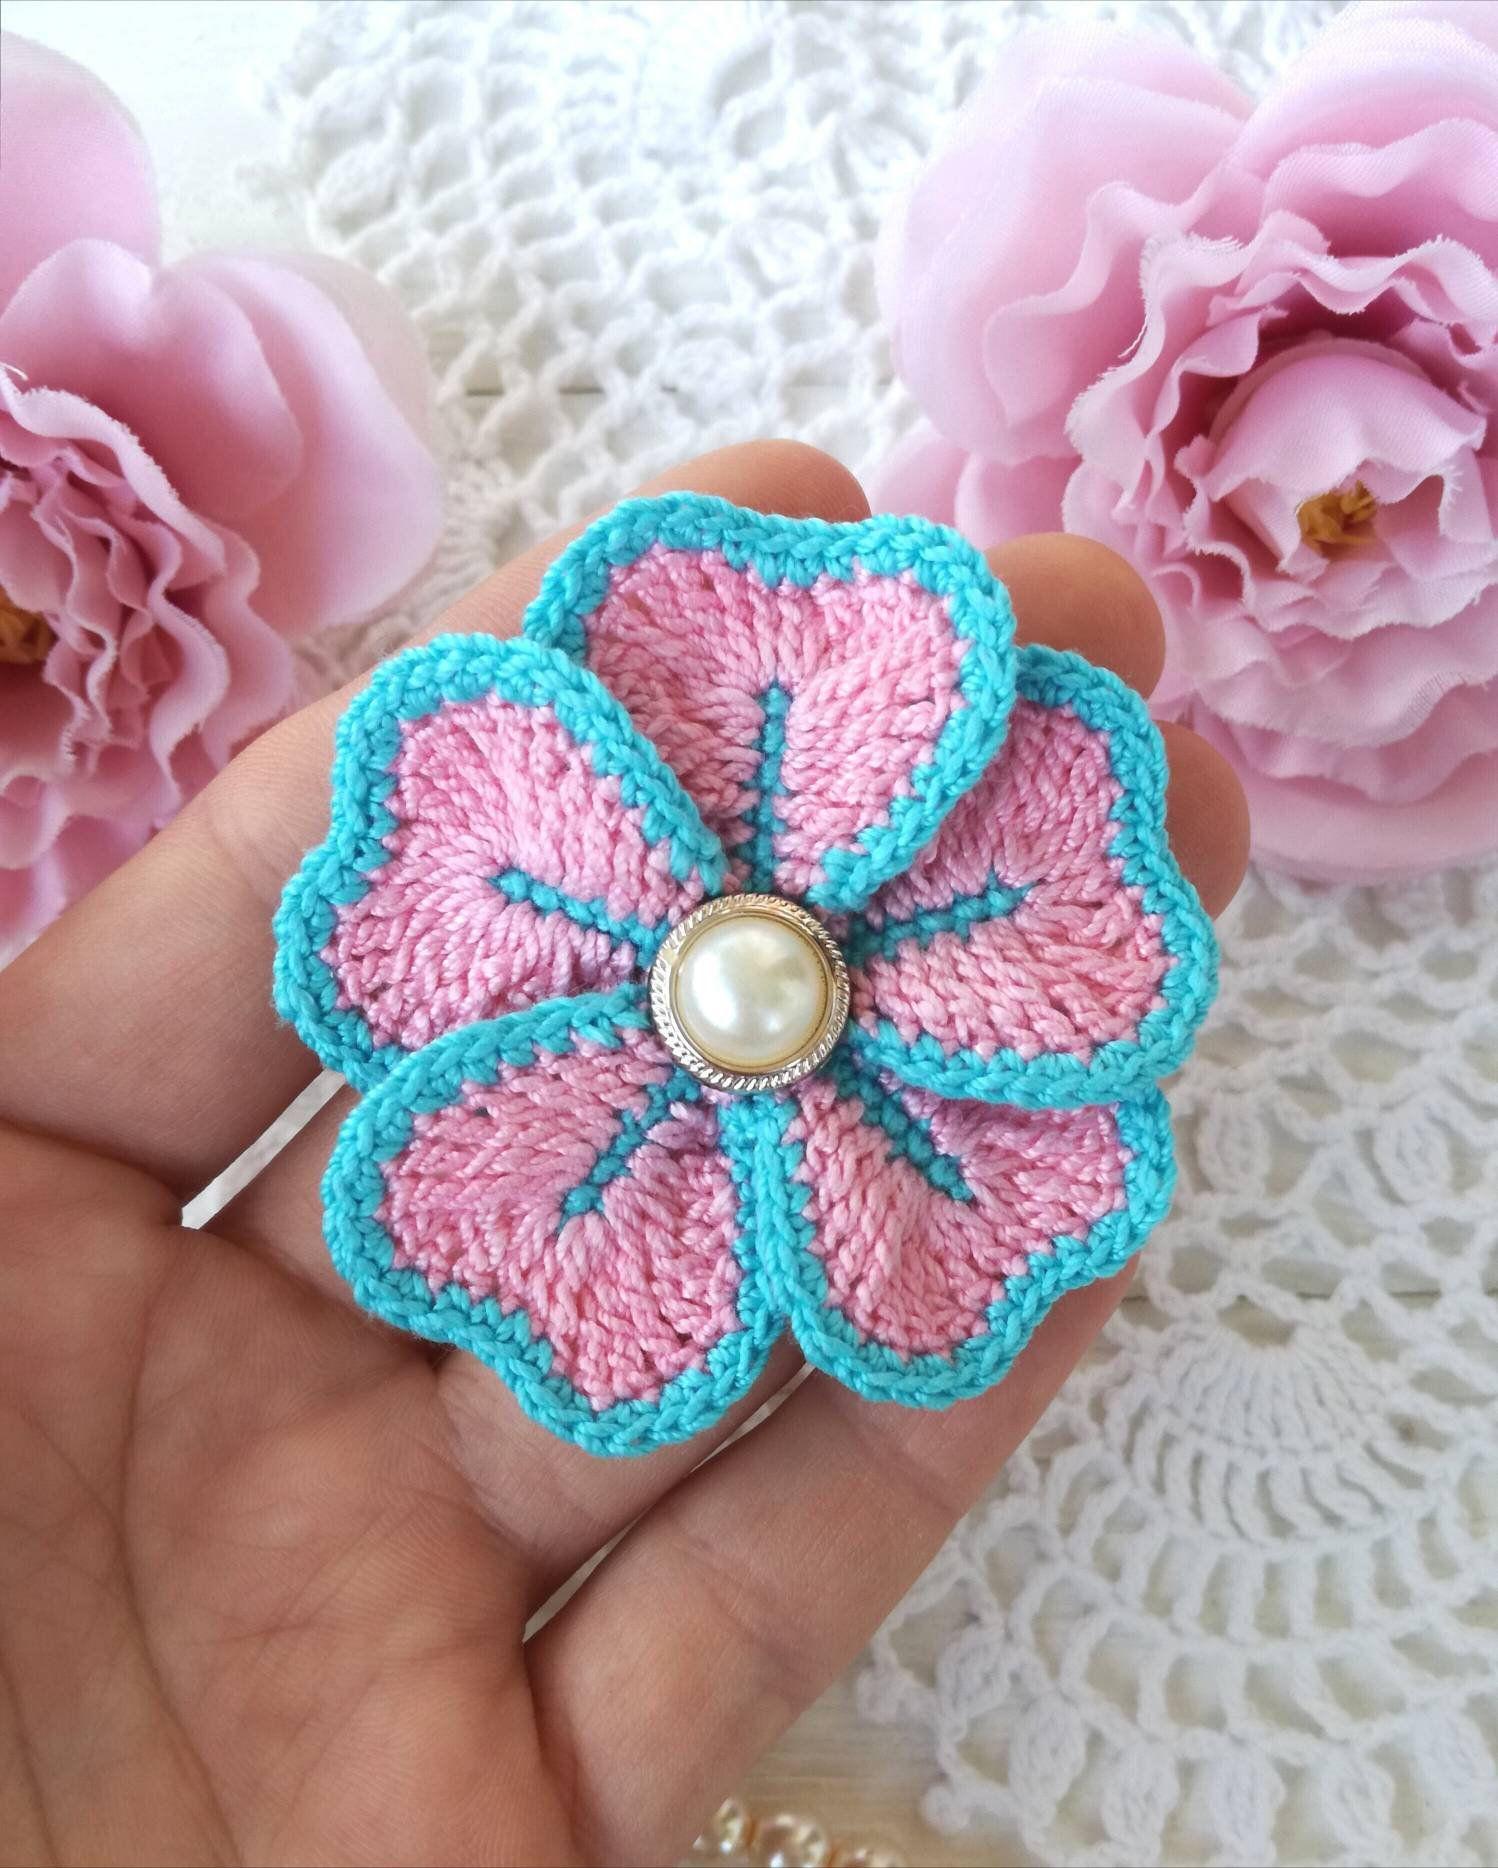 25 Easy Crochet Flower Patterns